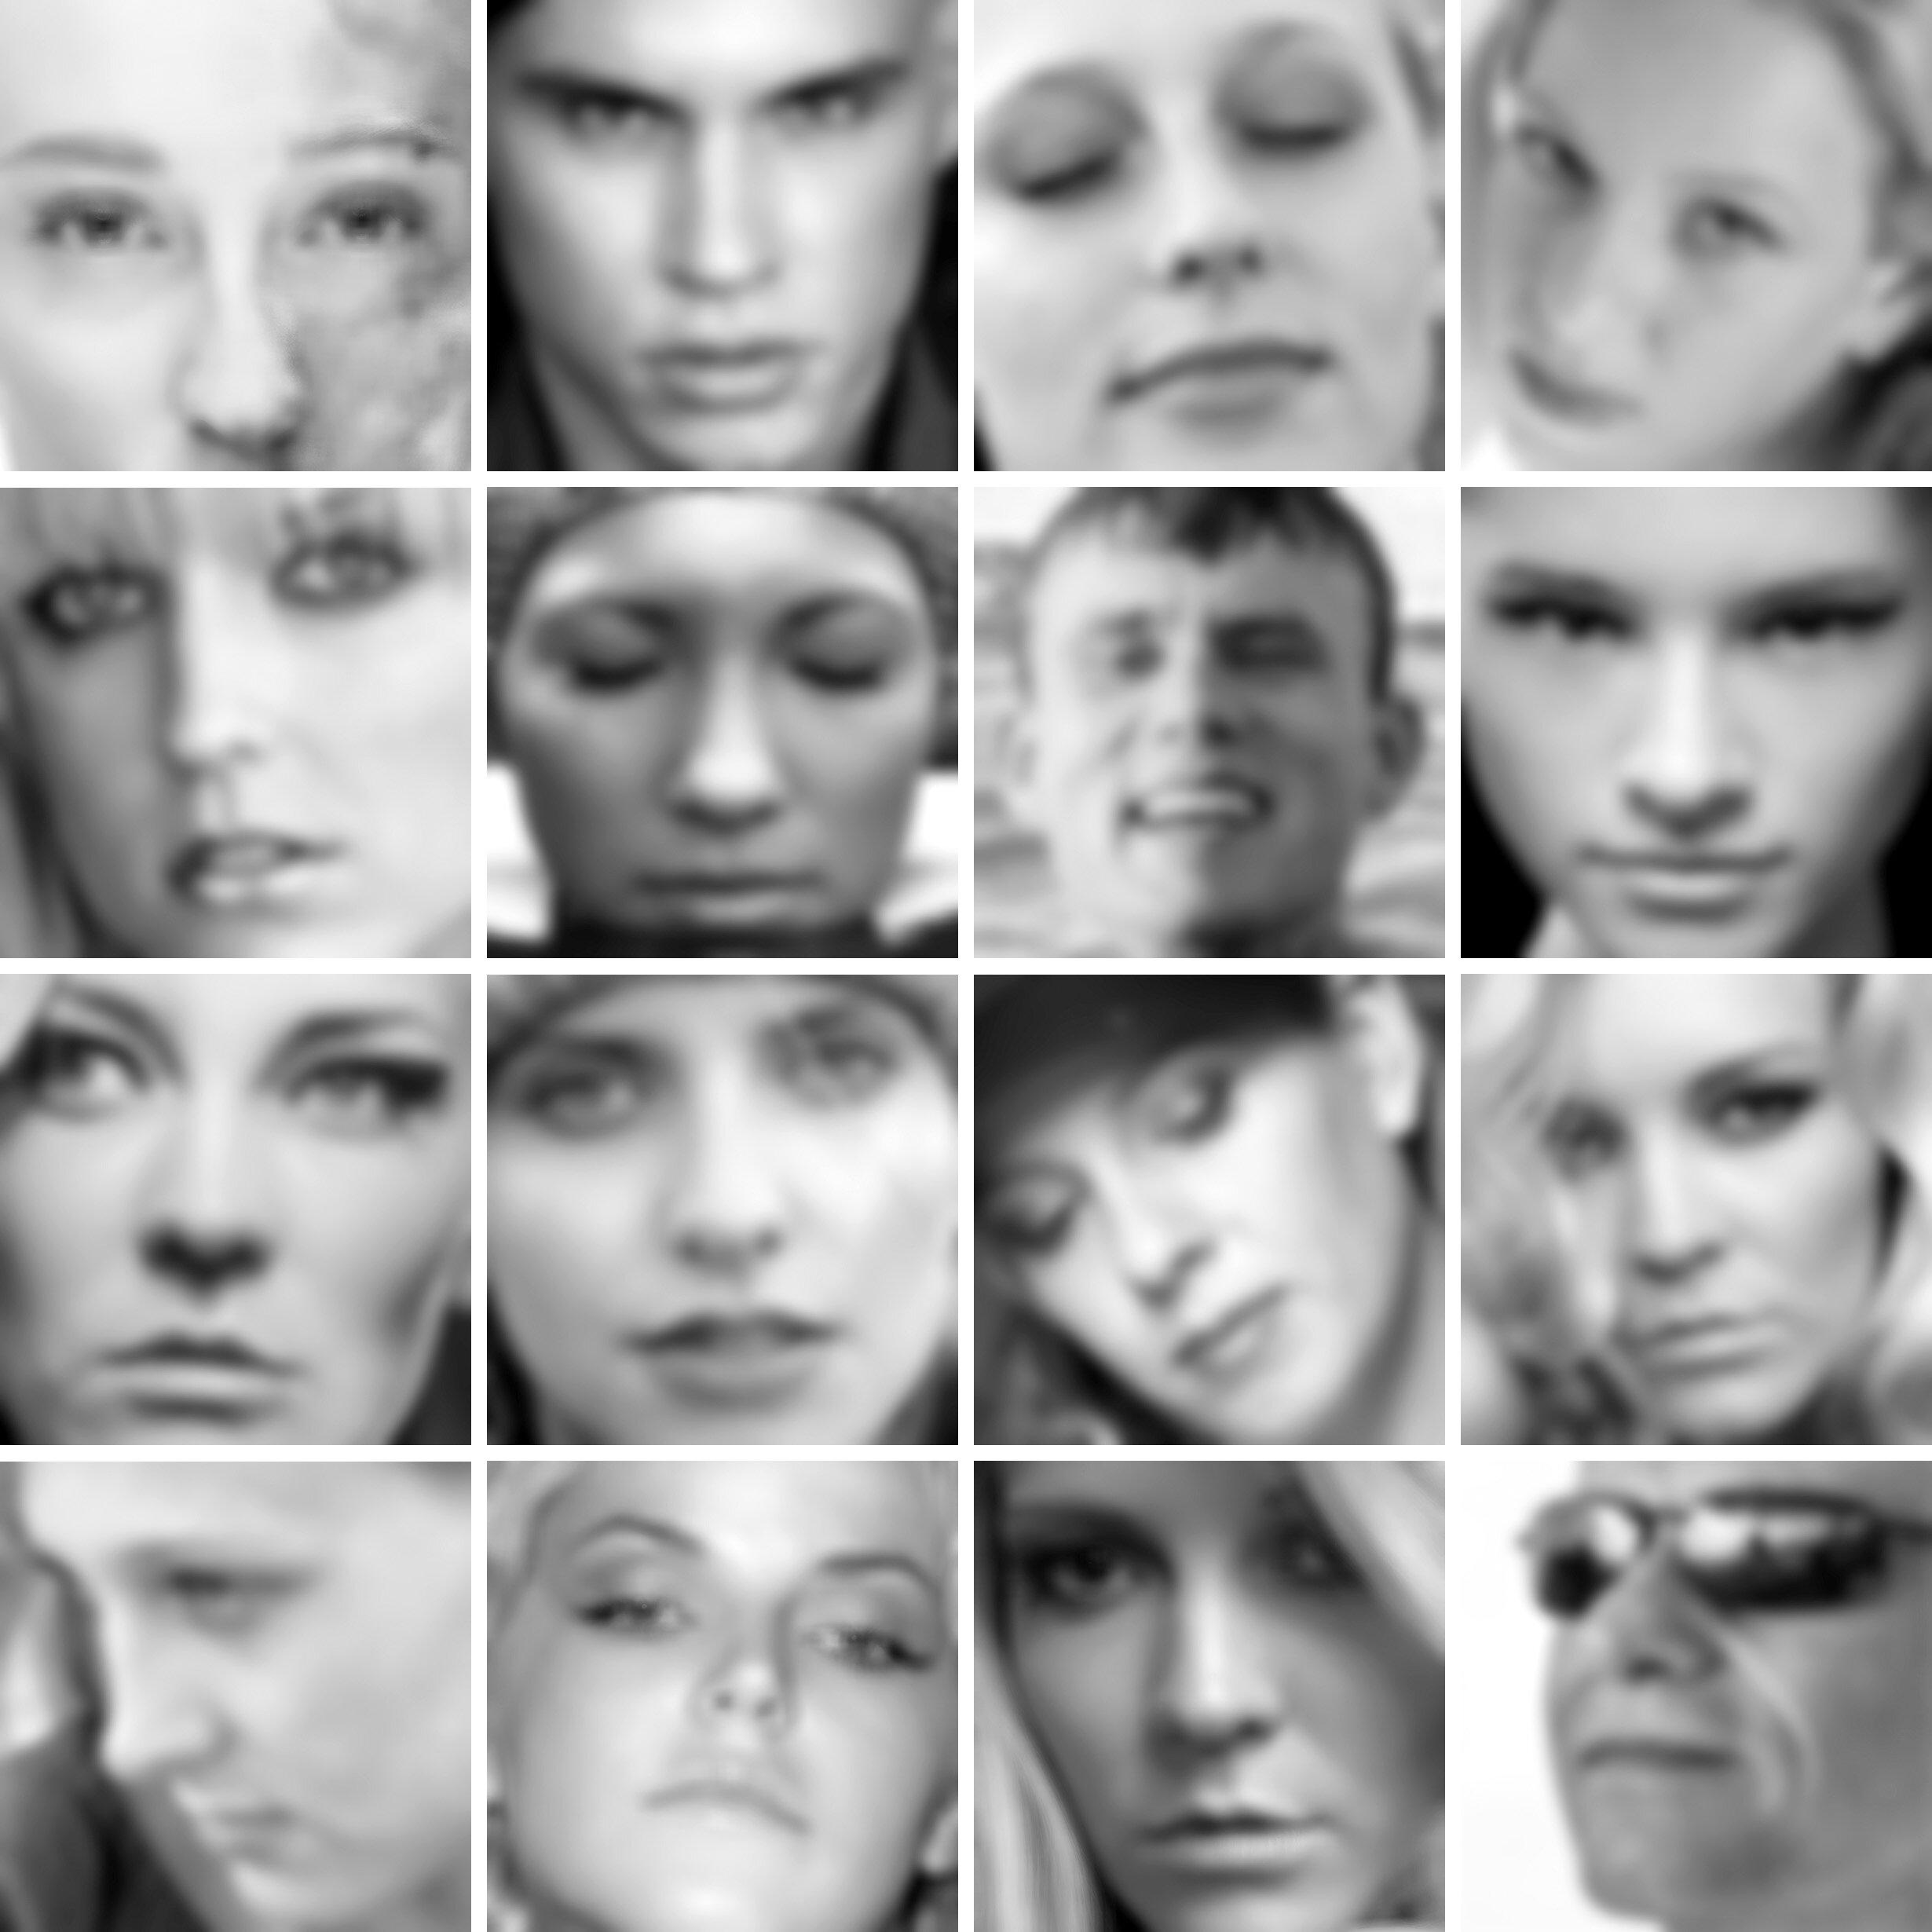 Maike-Jarsetz-digitalevent1.jpg